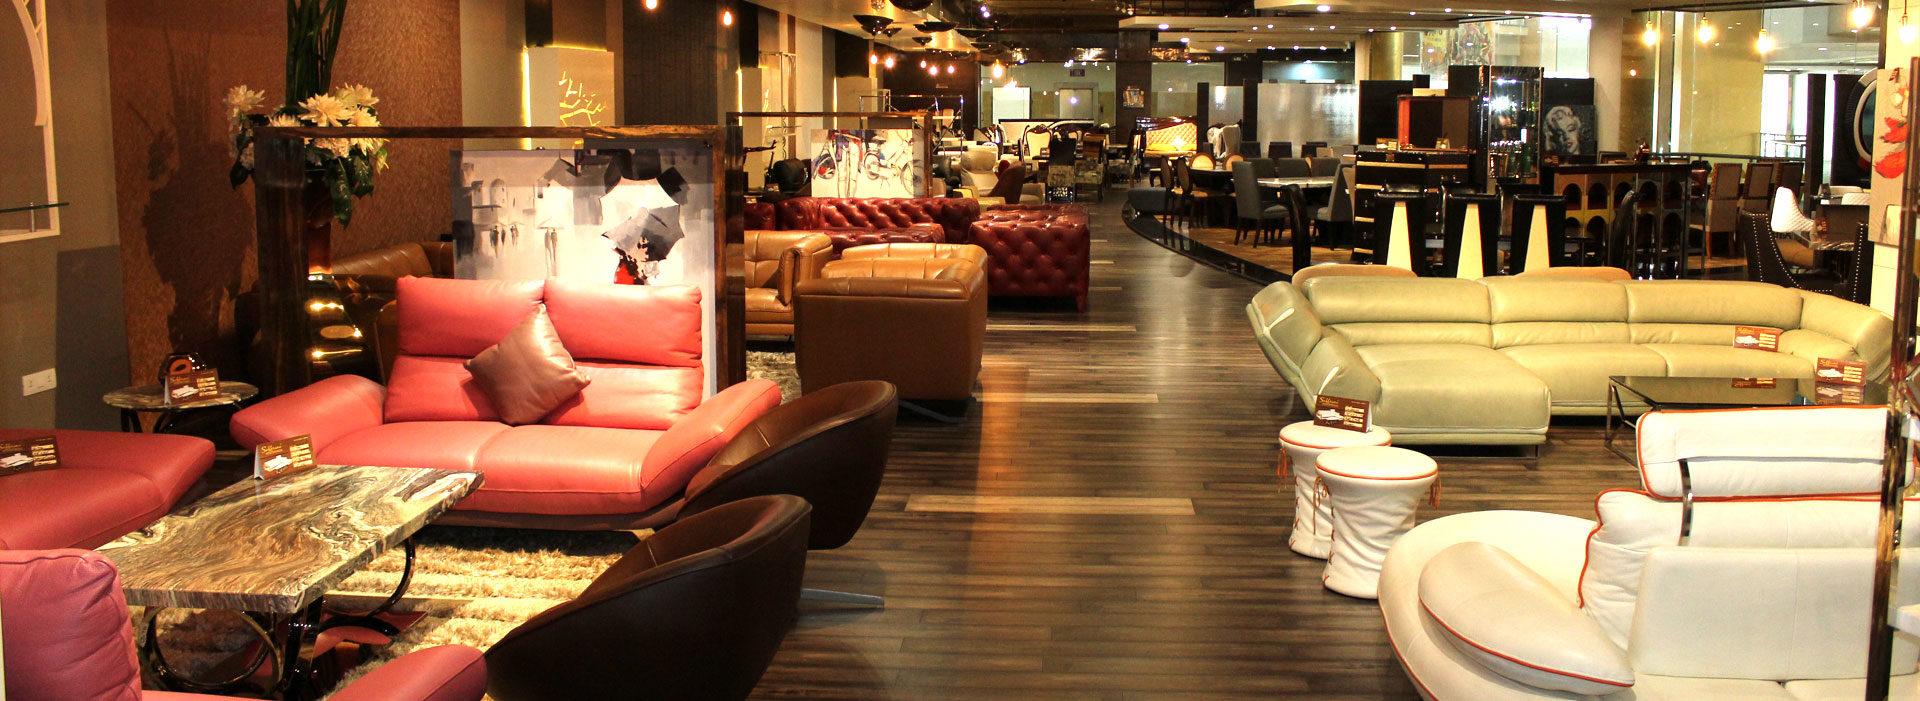 Saffrino the art of furniture showroom at jalandhar